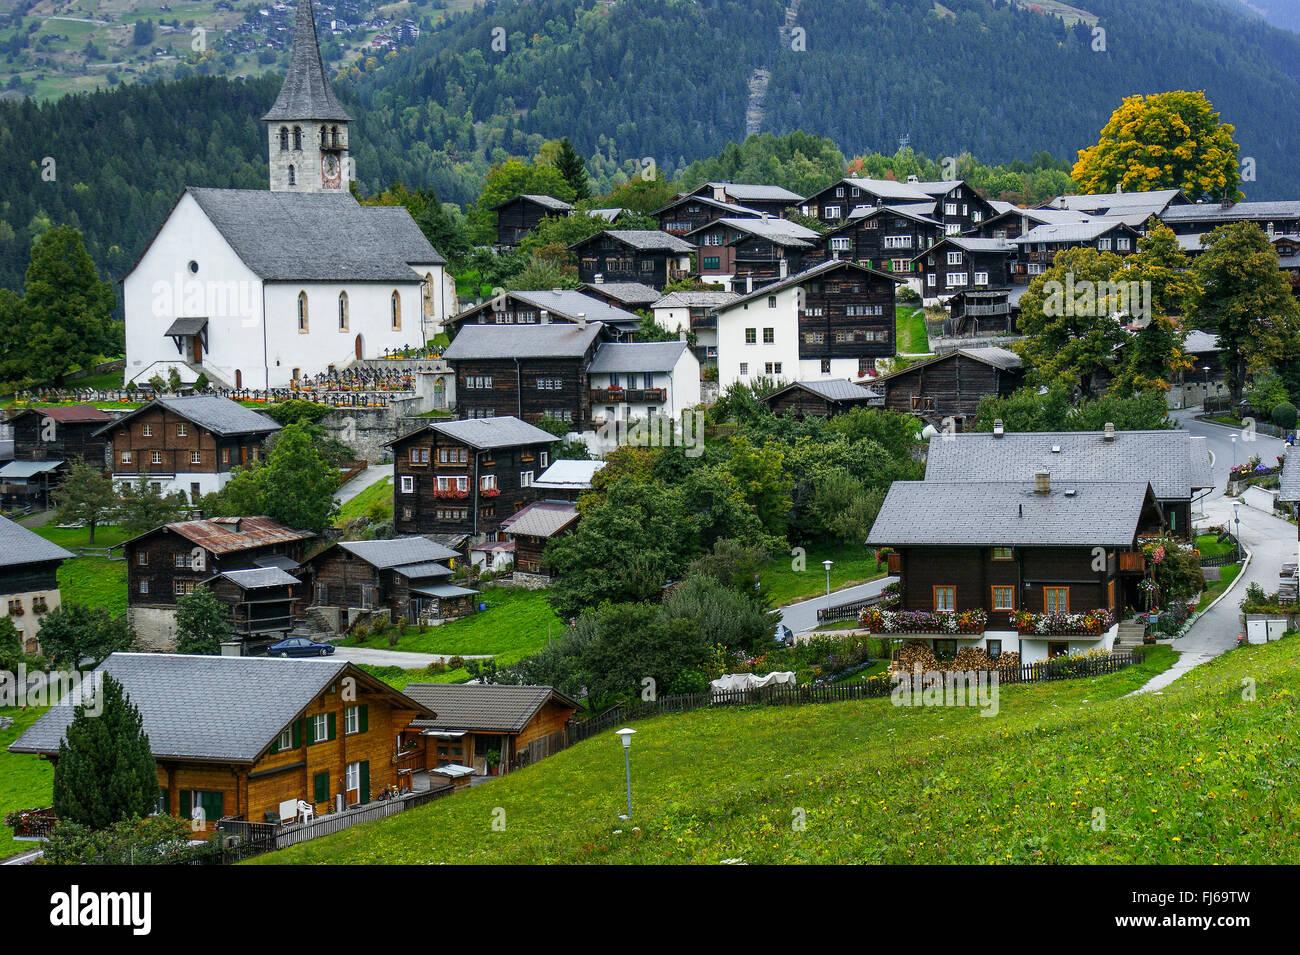 village center with church, Switzerland, Valais, Oberwallis, Ernen - Stock Image